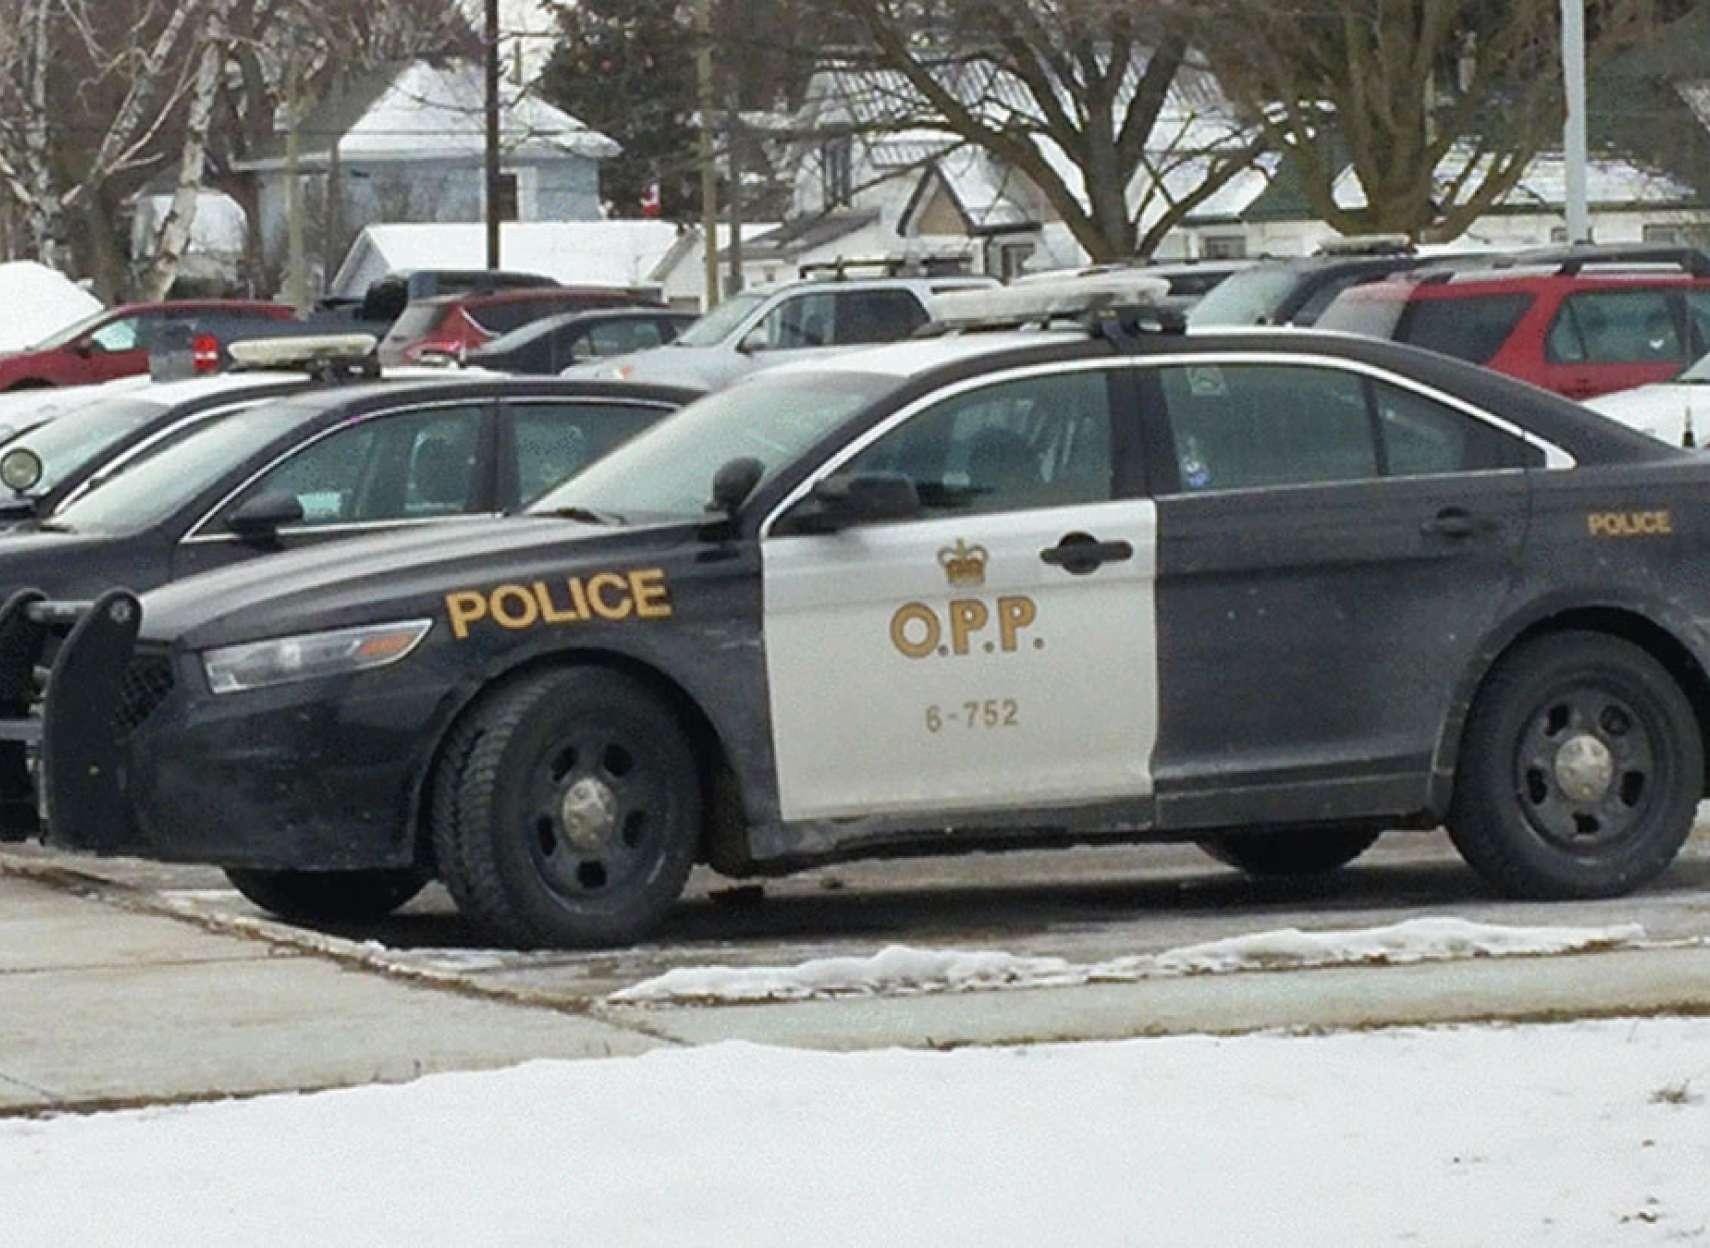 اخبار-تورنتو-دستگیری-راننده-۱۴-ساله-مست-مواد-زده-با-سرعت-غیر-مجاز